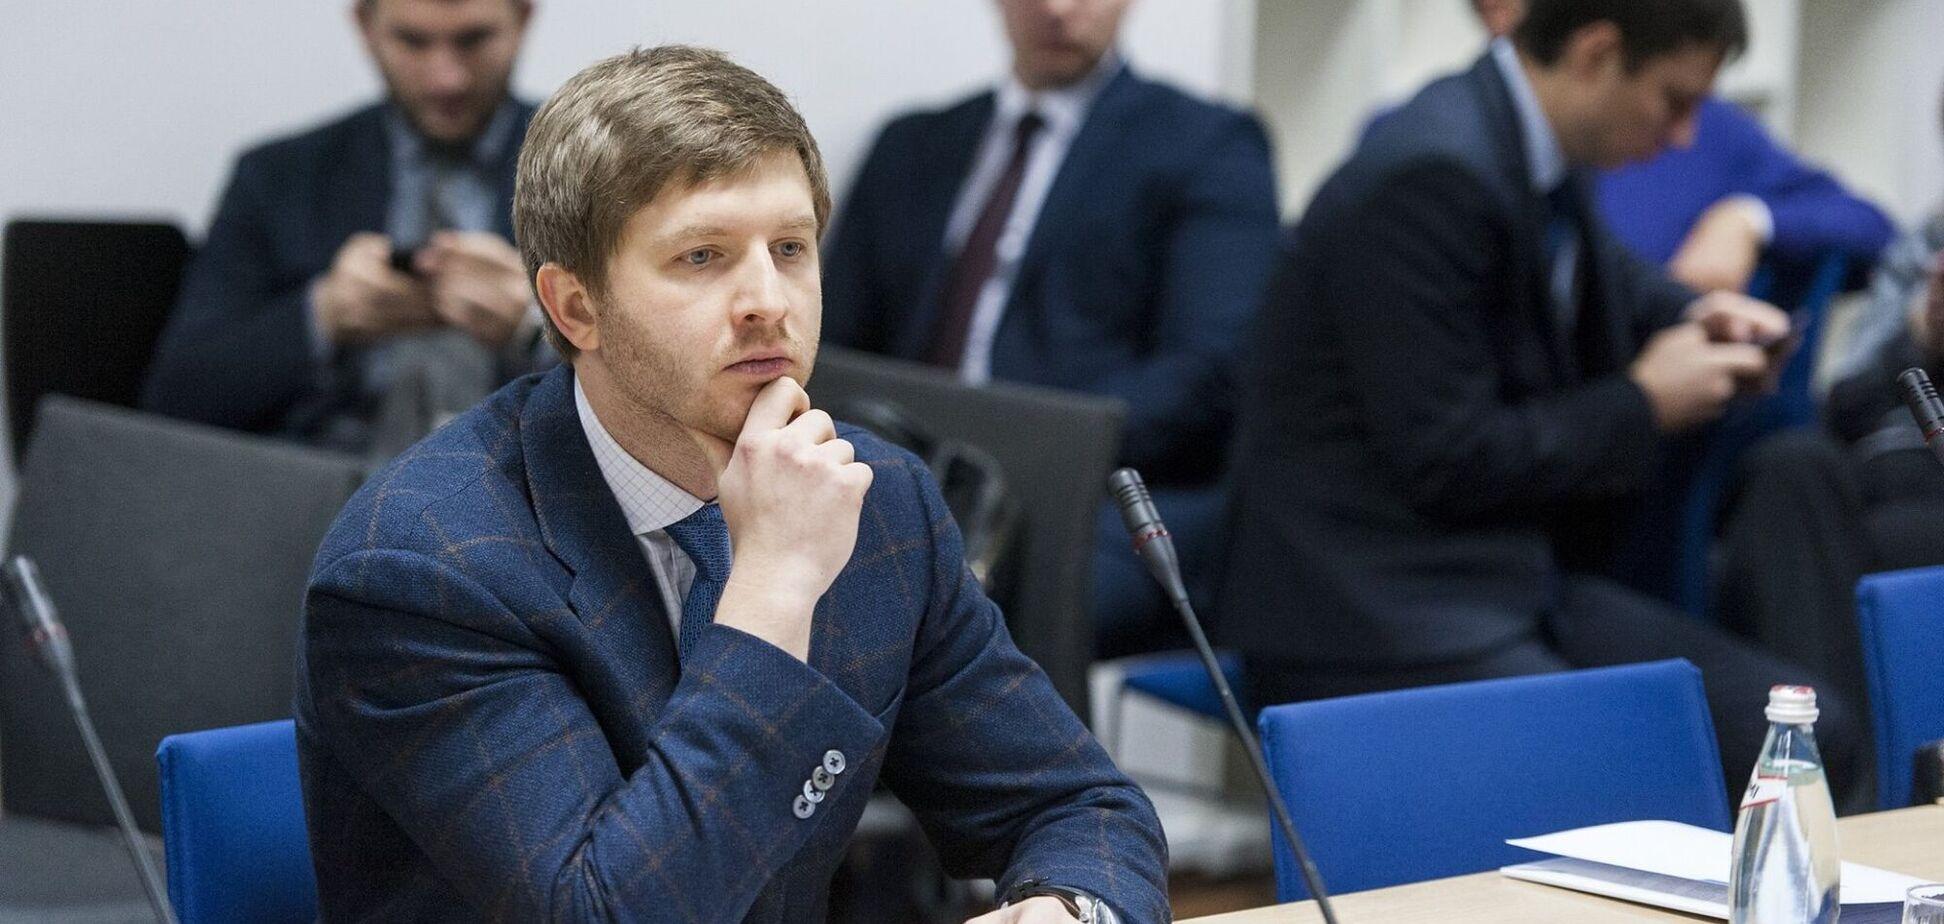 Вовк сообщил об информационной кампании по дискредитации Министерства энергетики